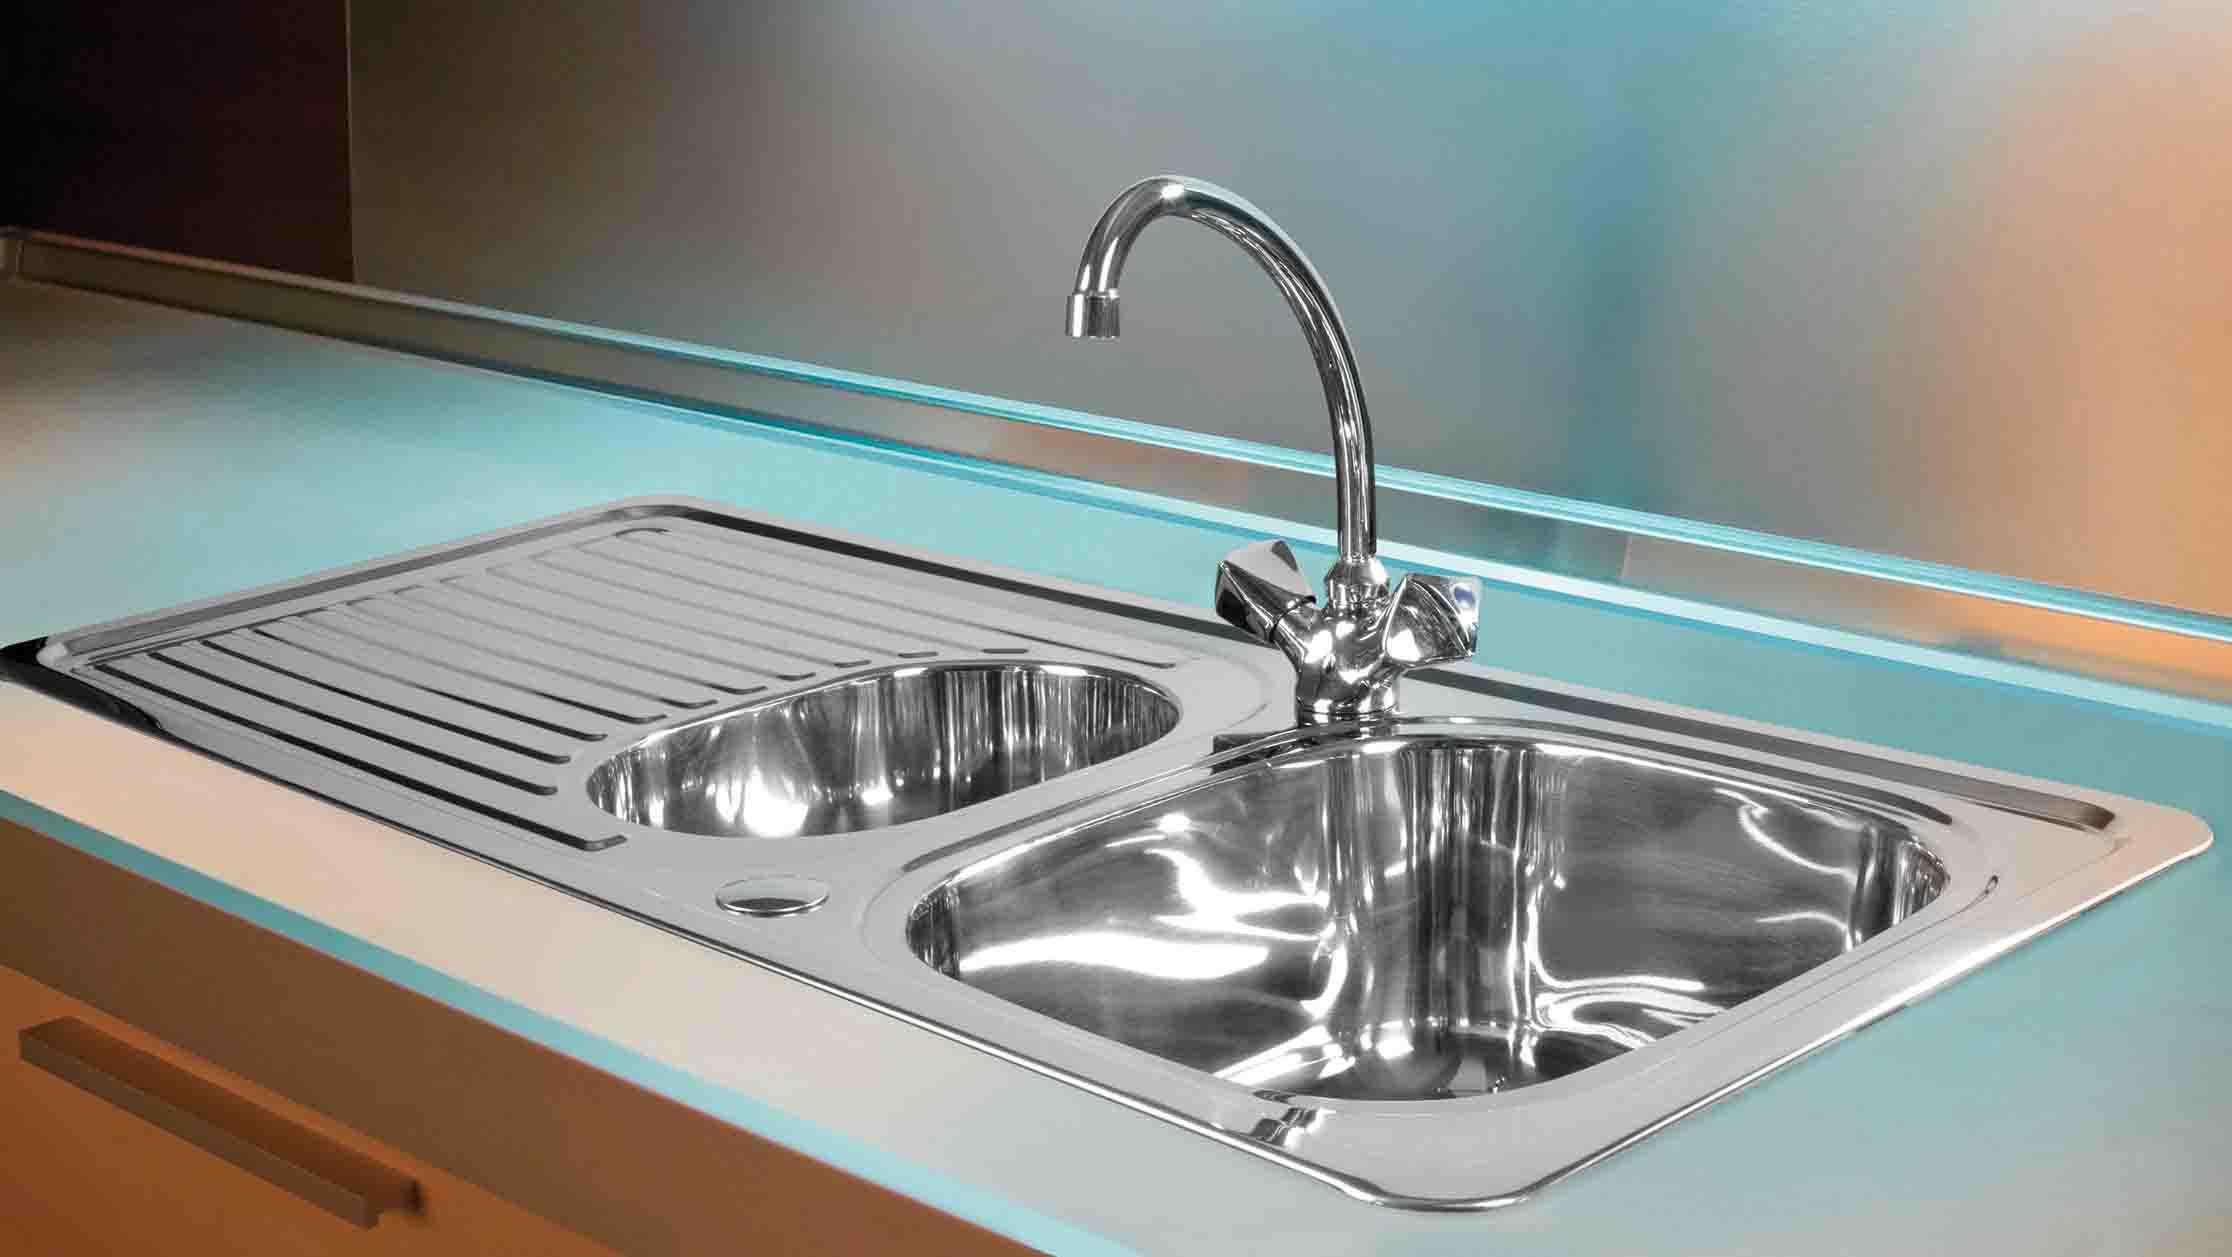 kitchen-sink-throughout-kitchen-sink-home-design-decoration-ideas_0